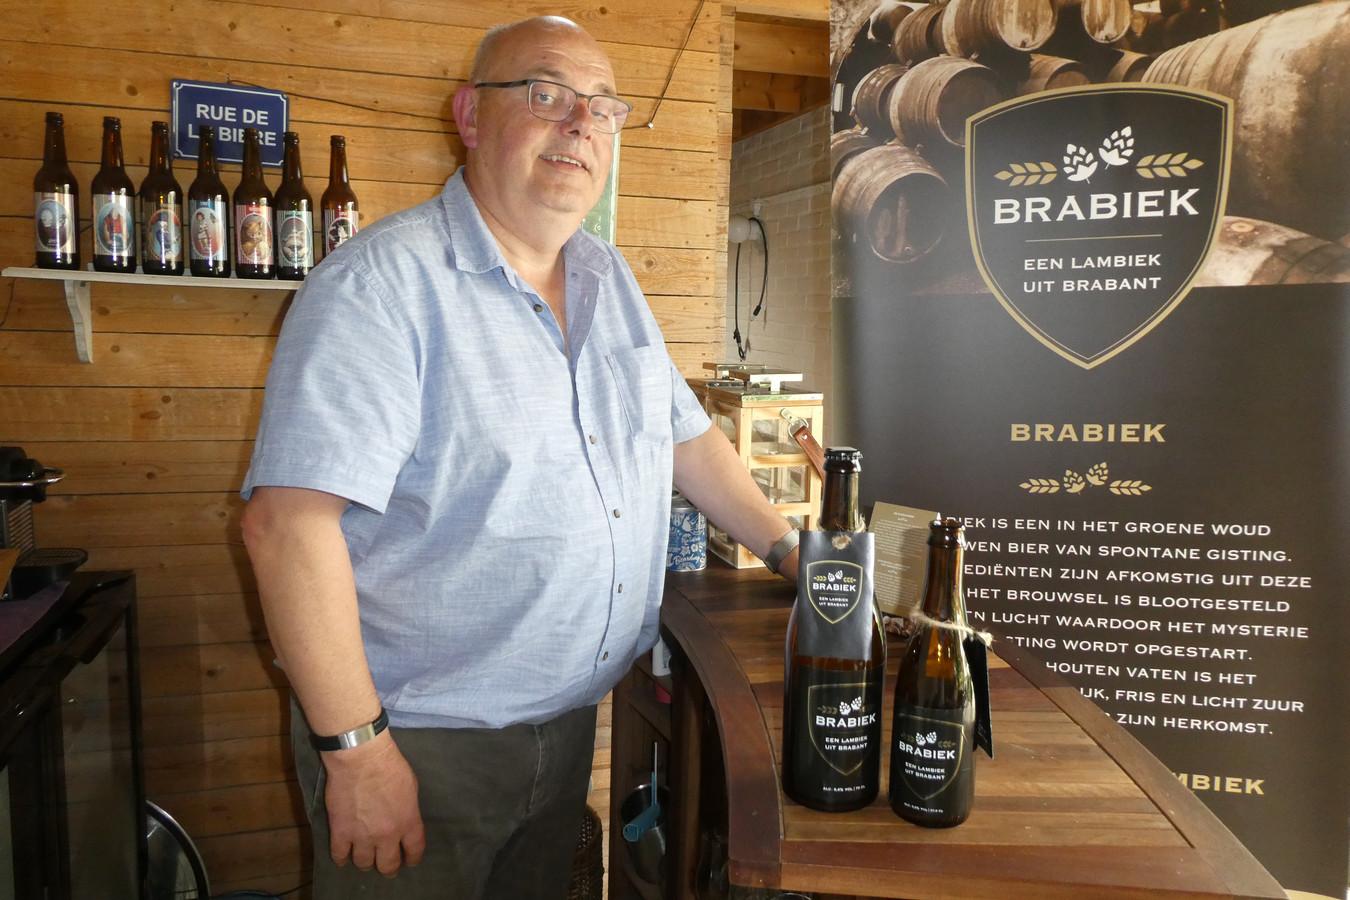 Bert Beekmans bij de grote en kleine fles Brabiek. Het nieuwe bier wordt zondag gepresenteerd op het Bierstraatje in Boxtel tijdens Biereloth.